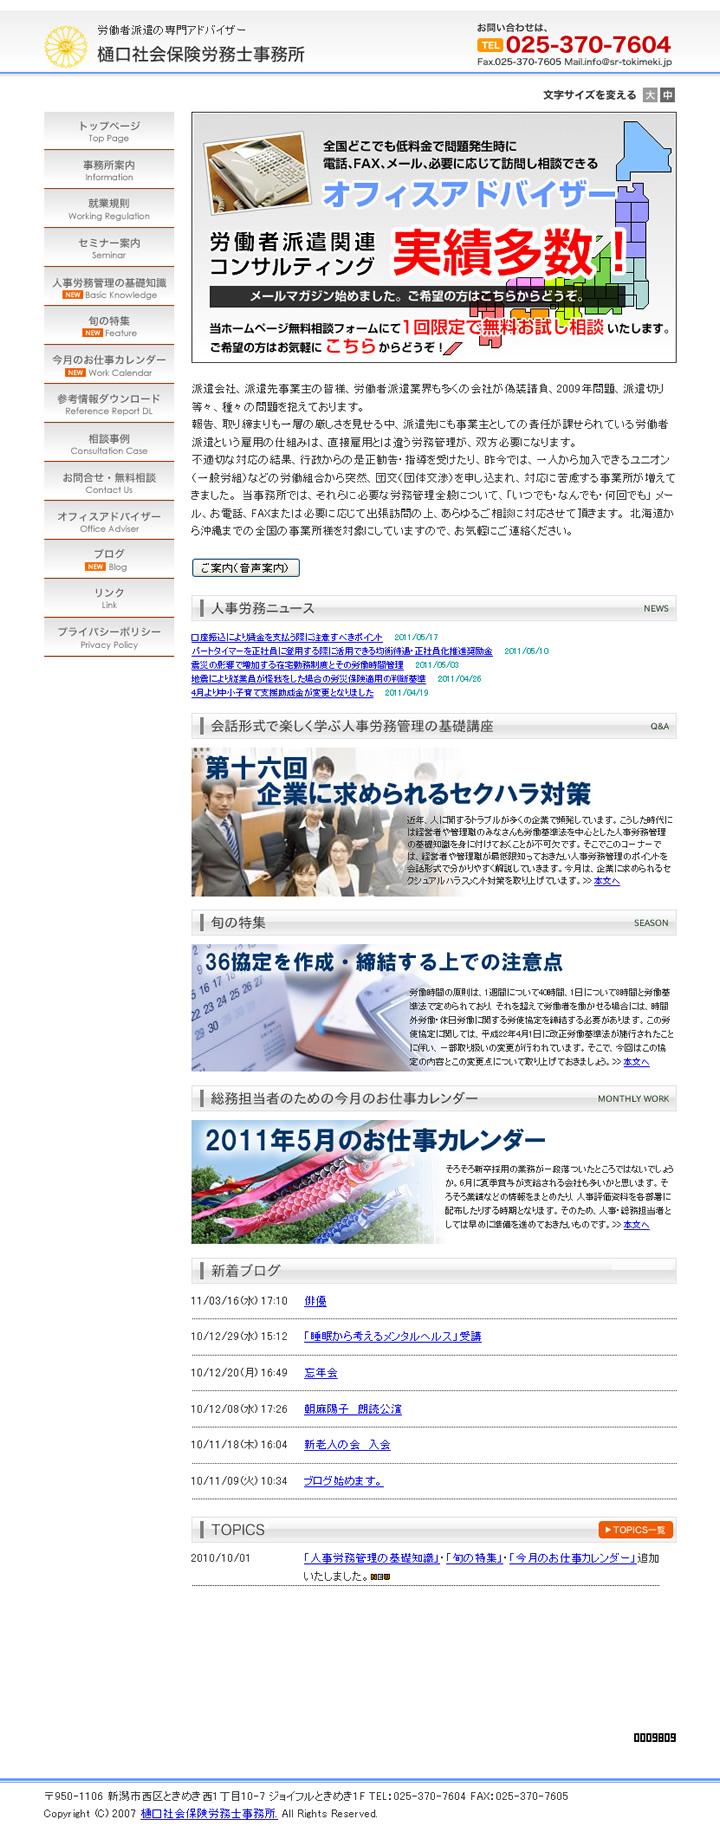 樋口社会保険労務士事務所ホームページ